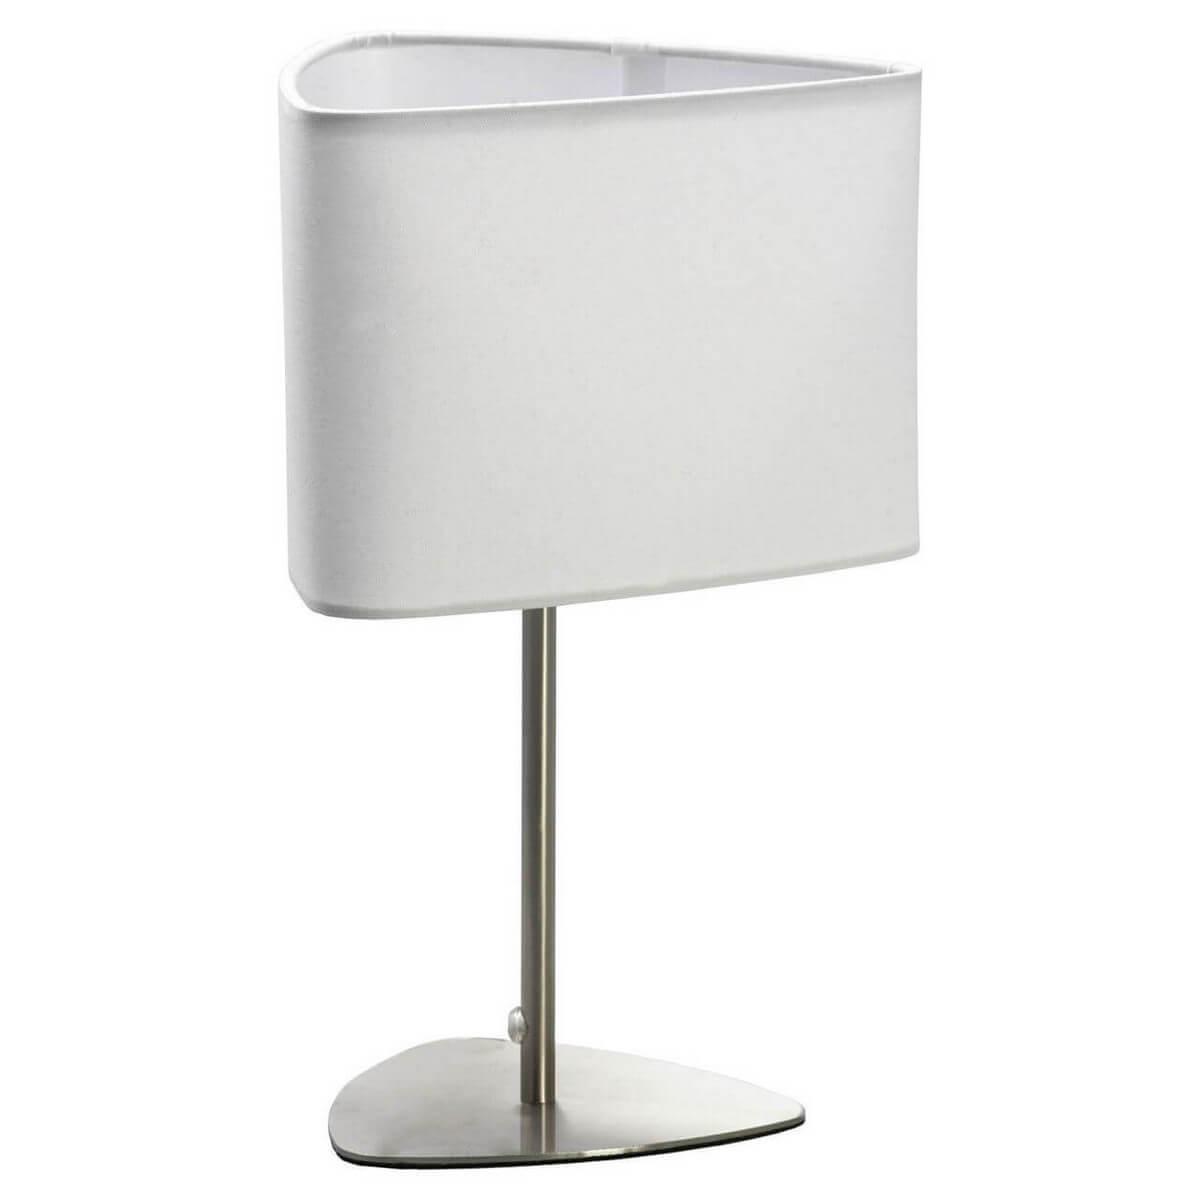 цена на Настольная лампа Lussole LSP-0547 Evans